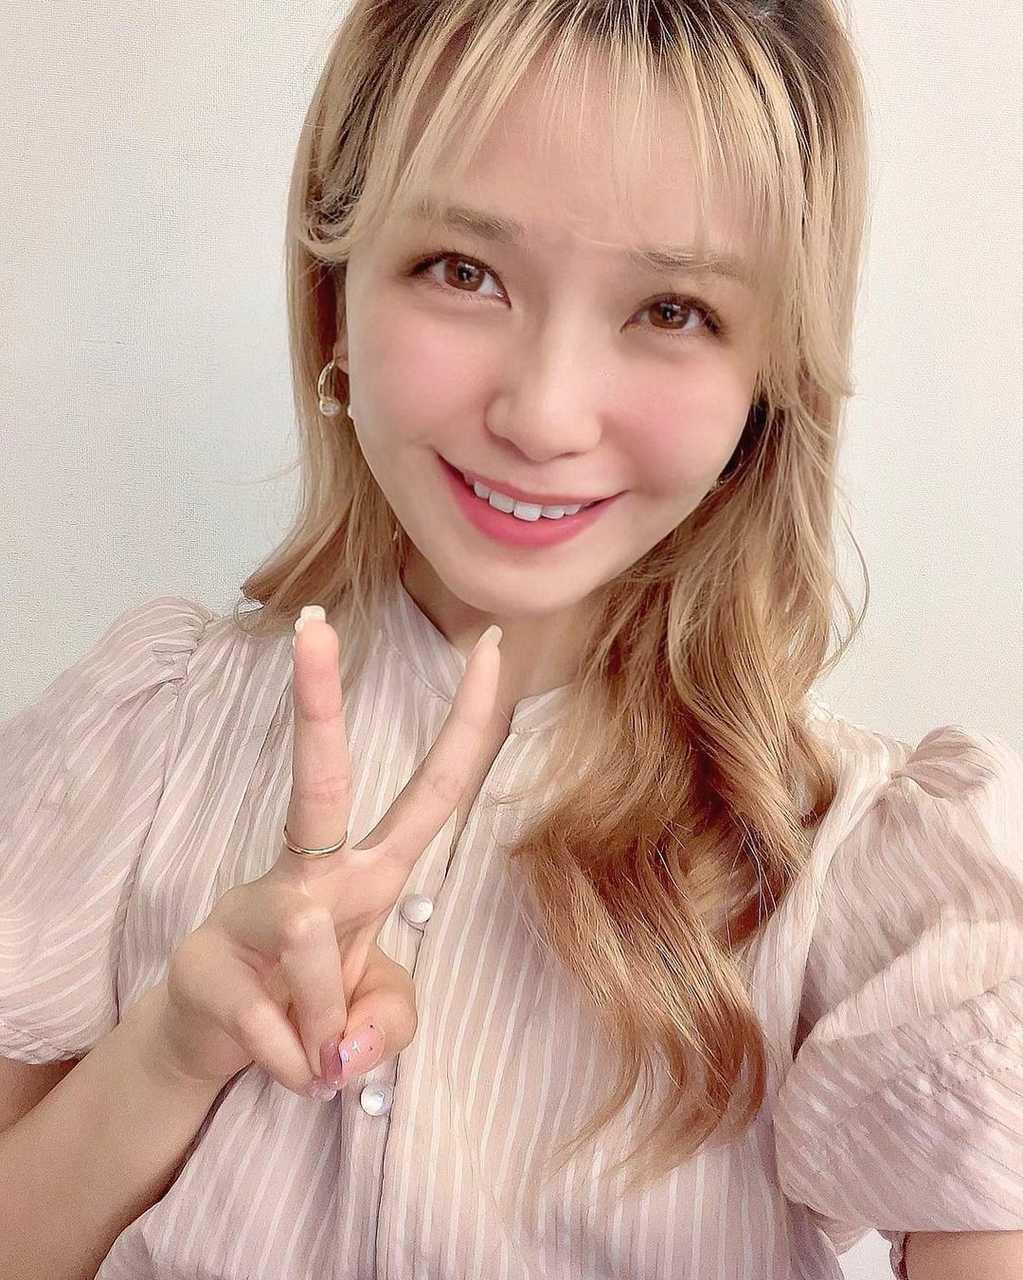 宇野実彩子、AAAの16周年を報告!メンバーとの写真にファン感動